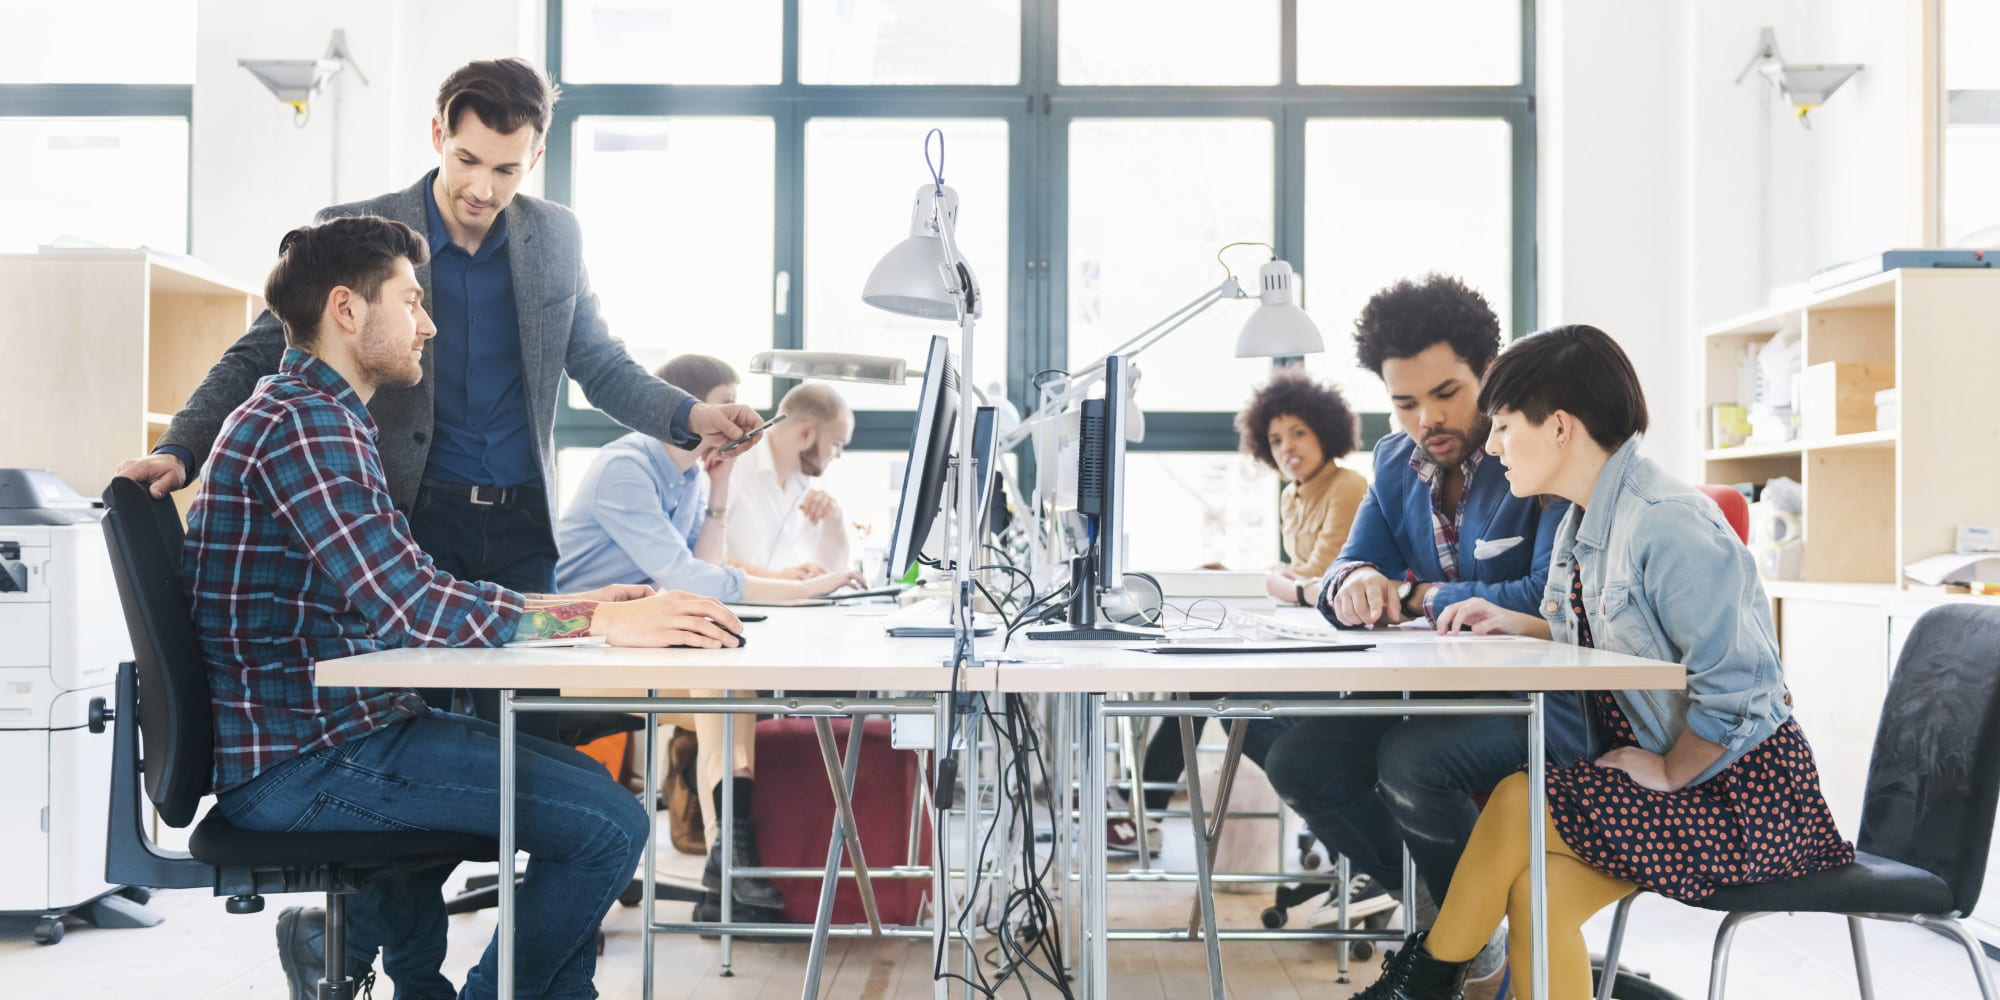 Hoe een startup mentaliteit injecteren in bureaucratische overheden